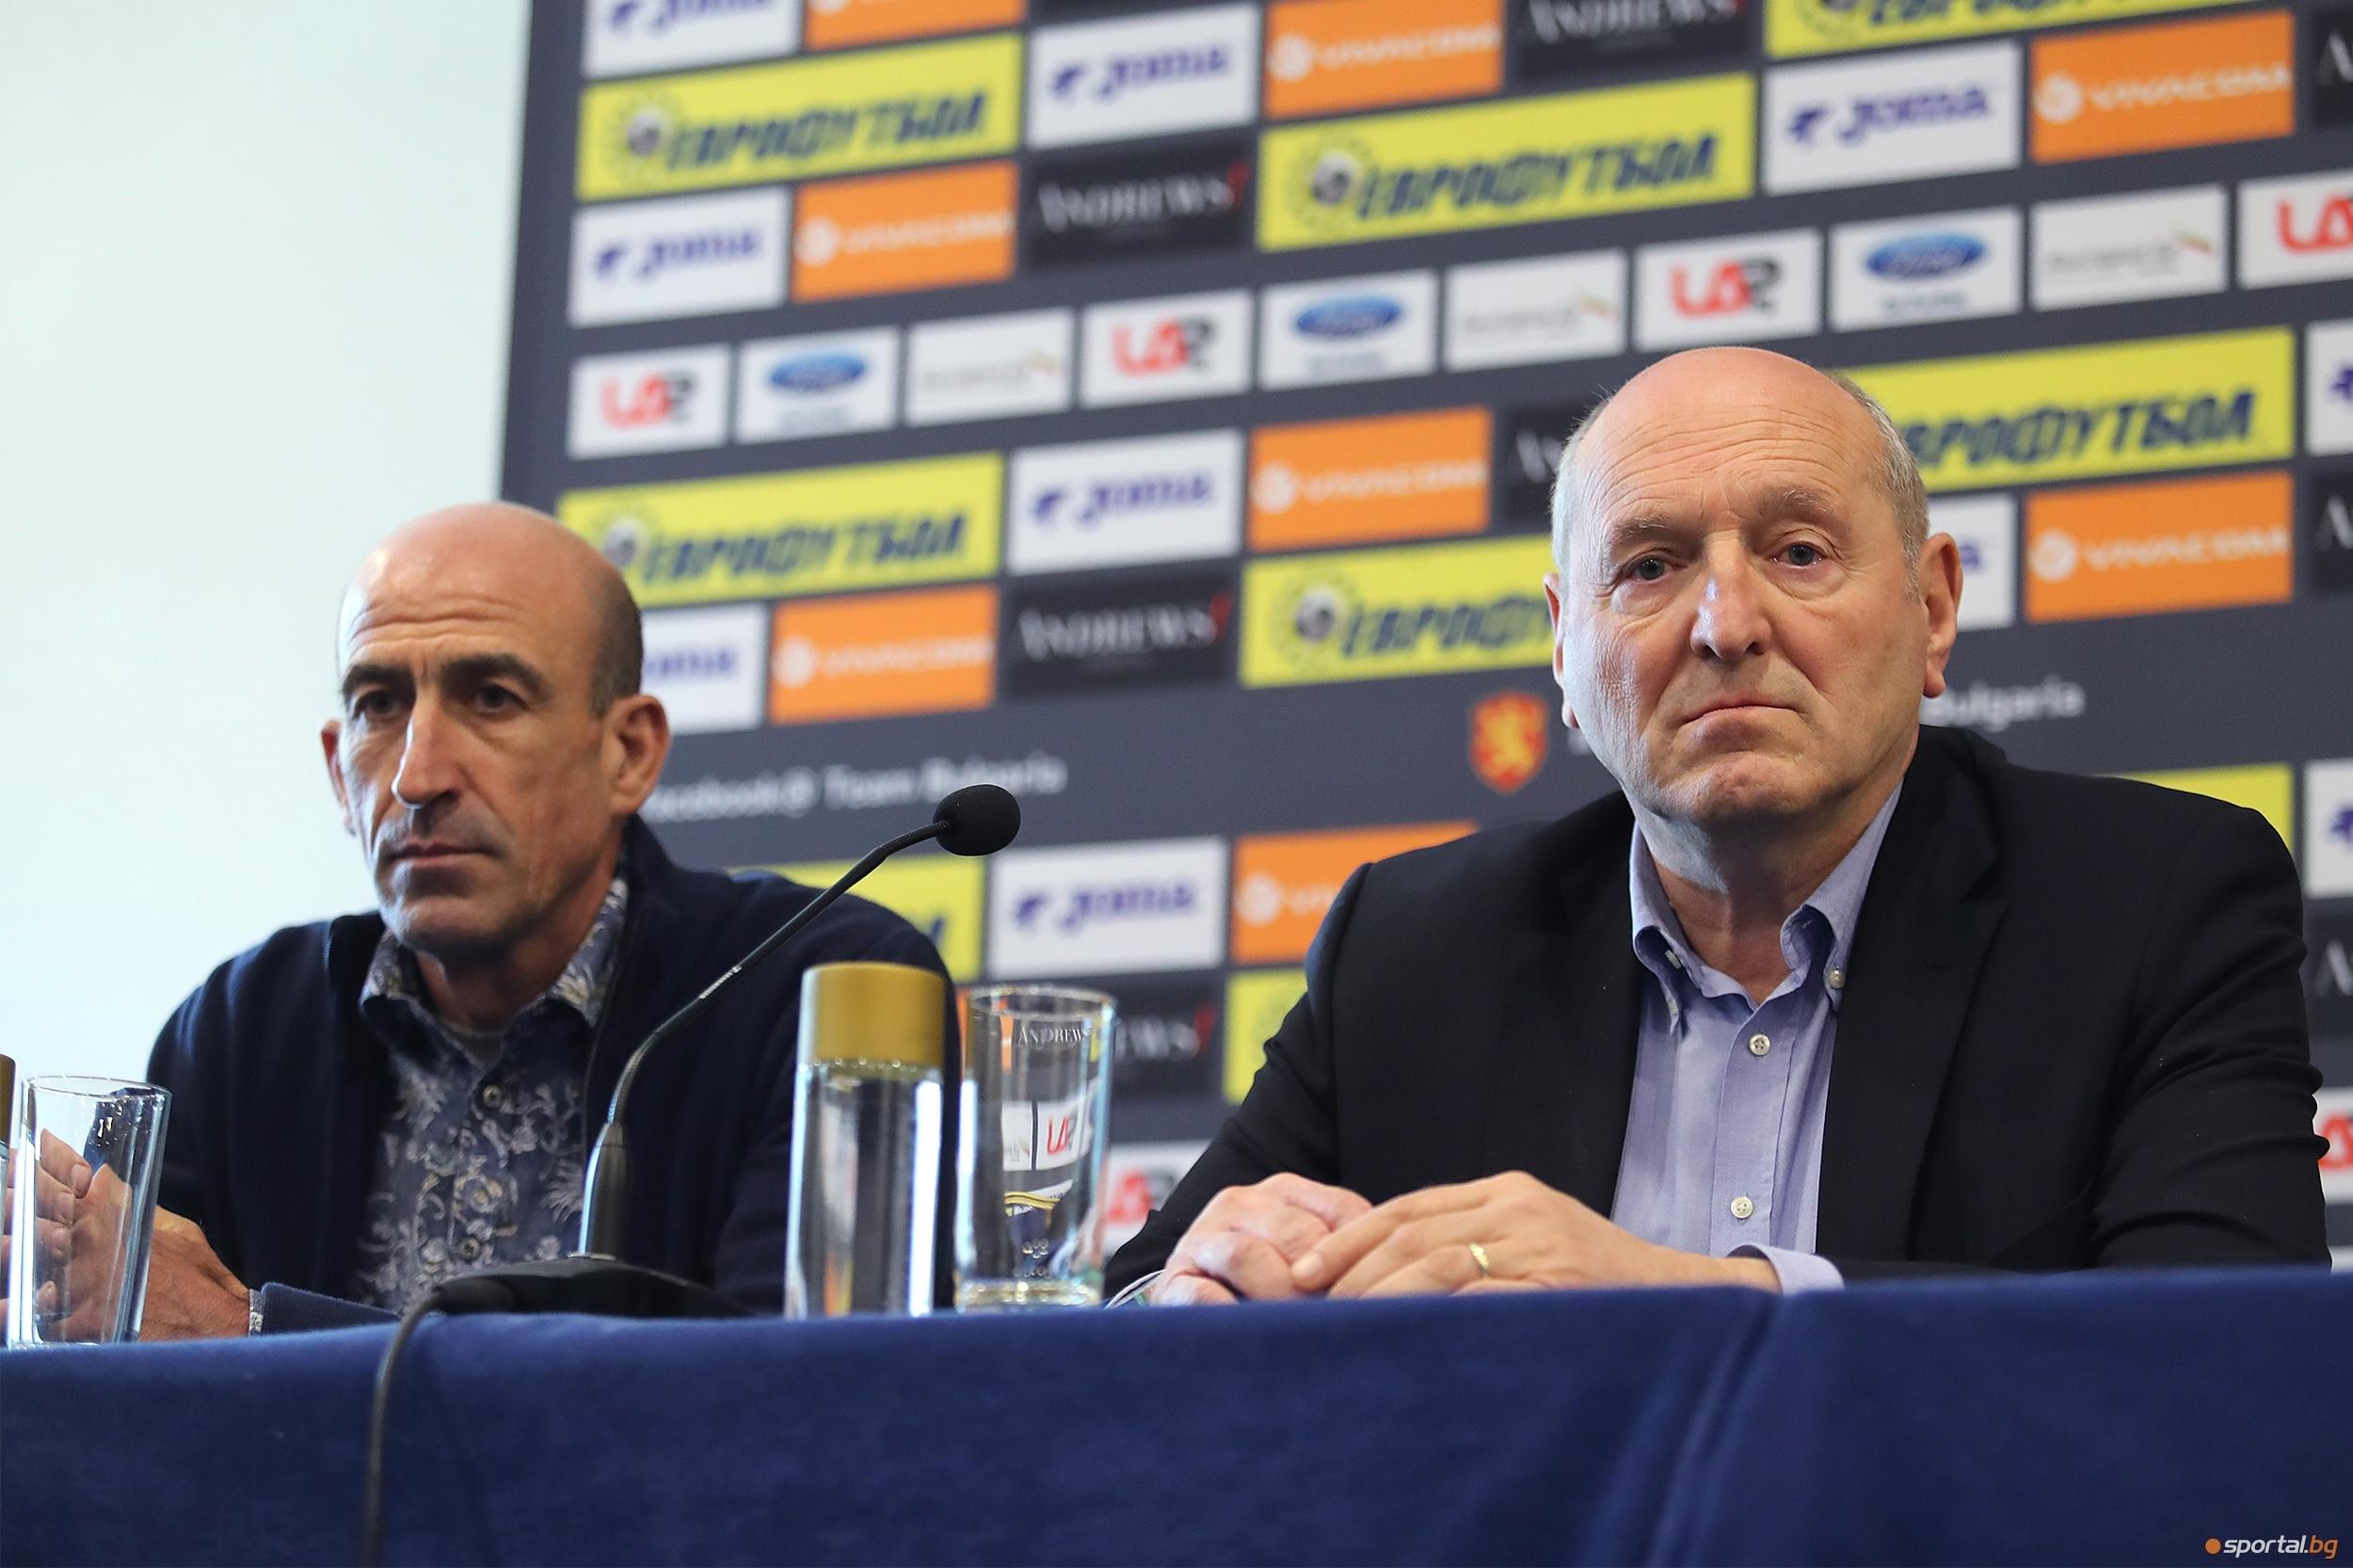 Президентът на Българския футболен съюз Михаил Касабов, който вече е